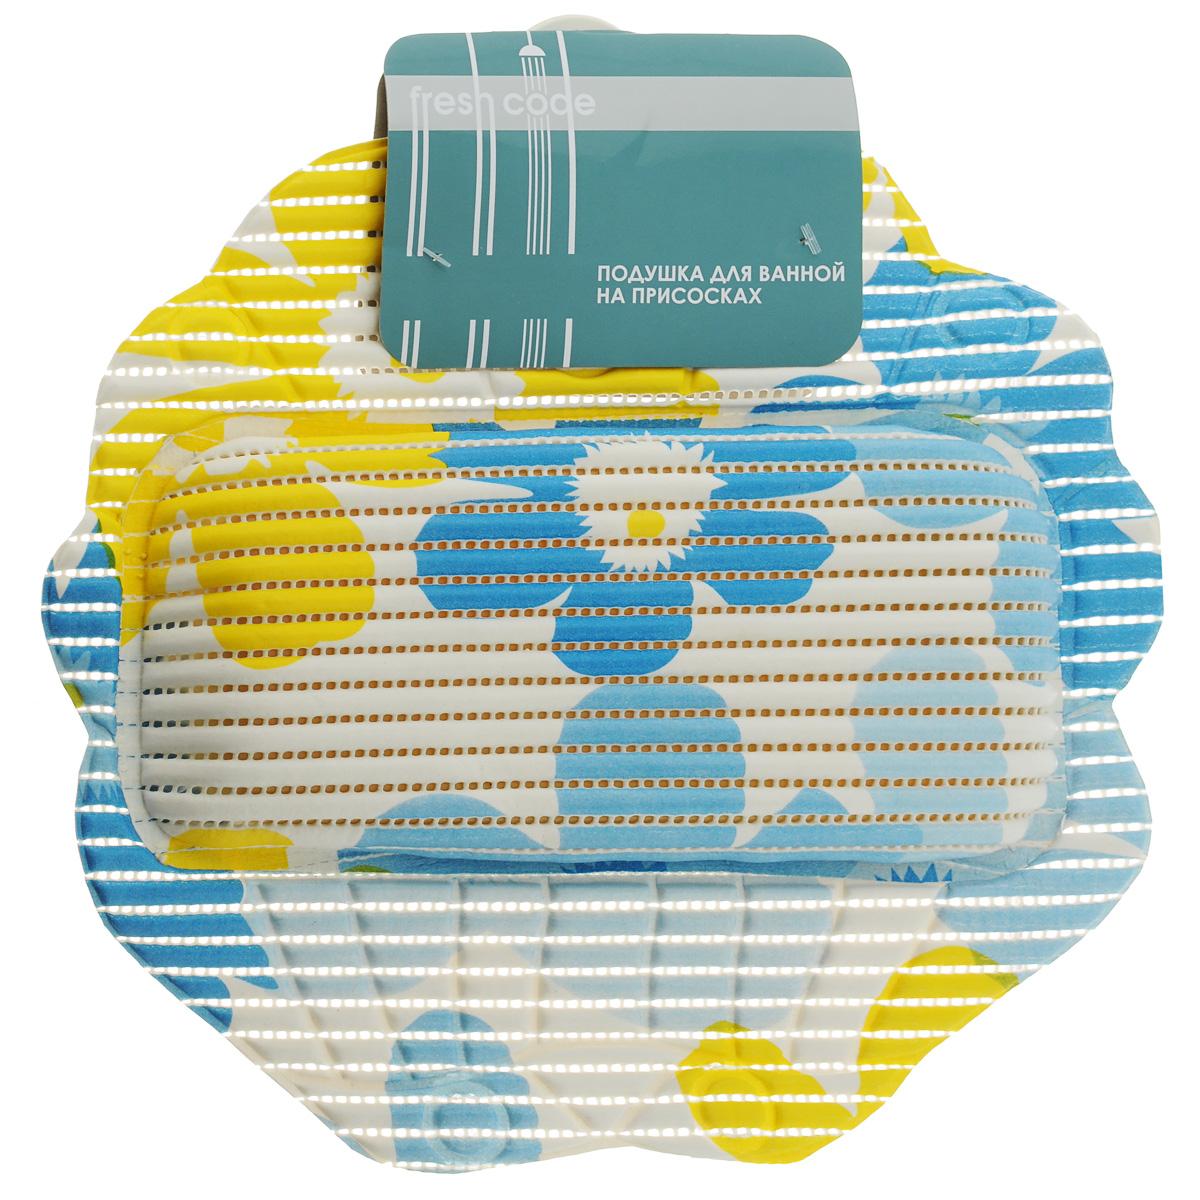 Подушка для ванны Fresh Code Flexy, на присосках, цвет в ассортименте, 33 х 33 см коврик для душевой кабины fresh code flexy на присосках цвет зеленый 52 см х 52 см